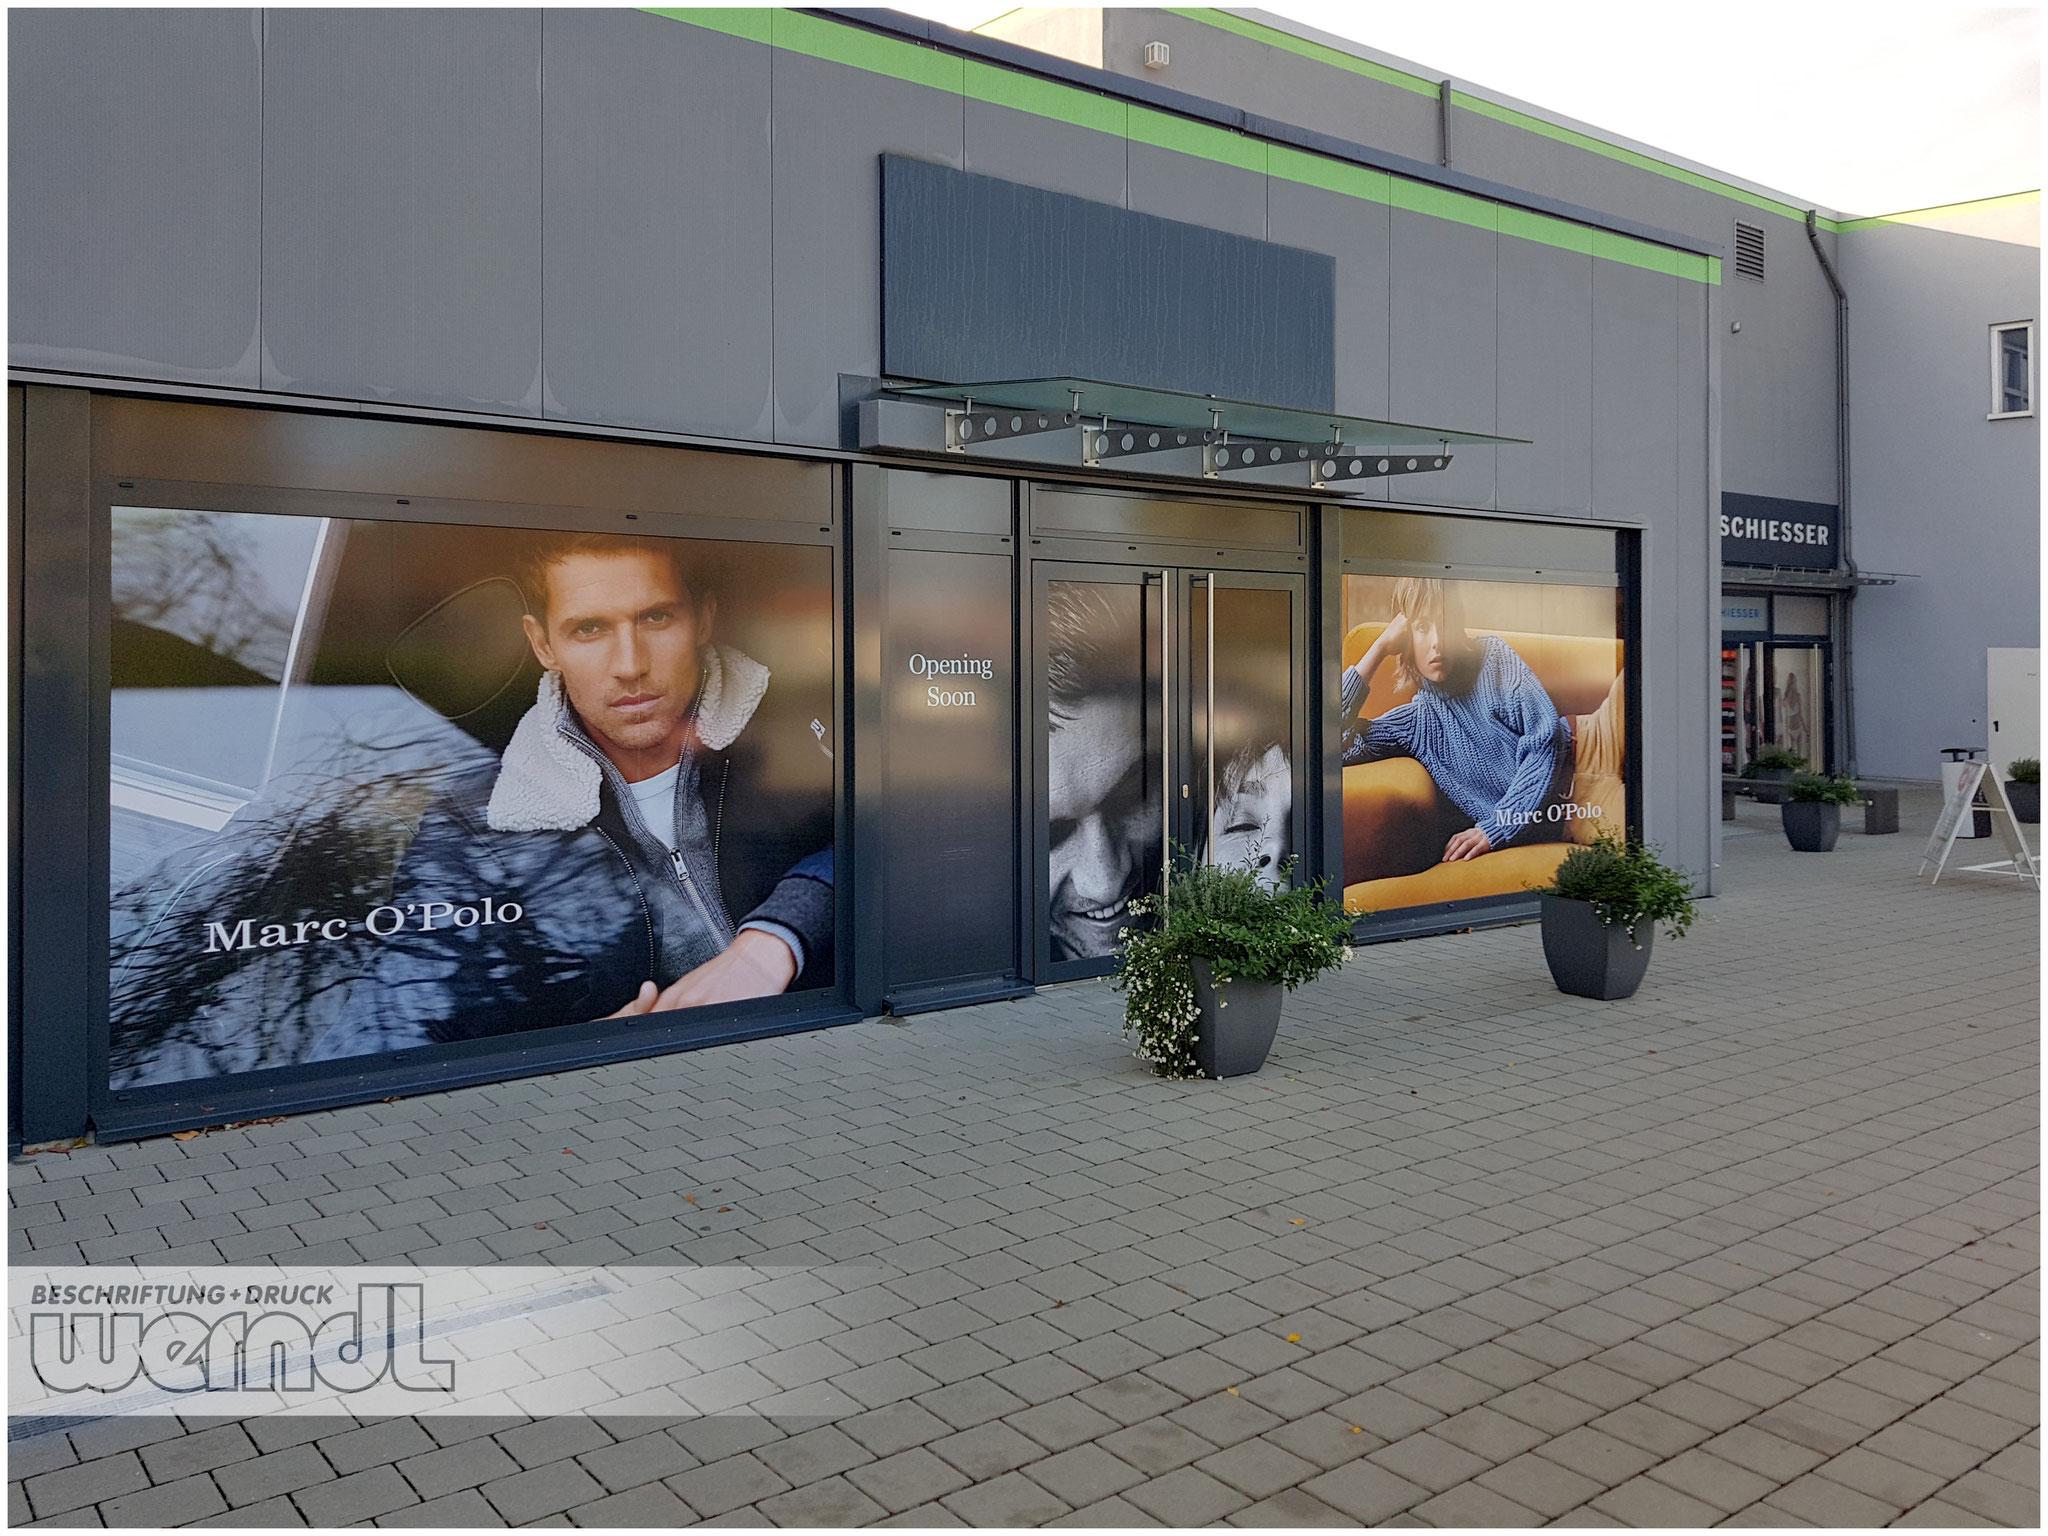 Temporäre Schaufenstergestaltung im Digitaldruck für ein Outlet-Center.